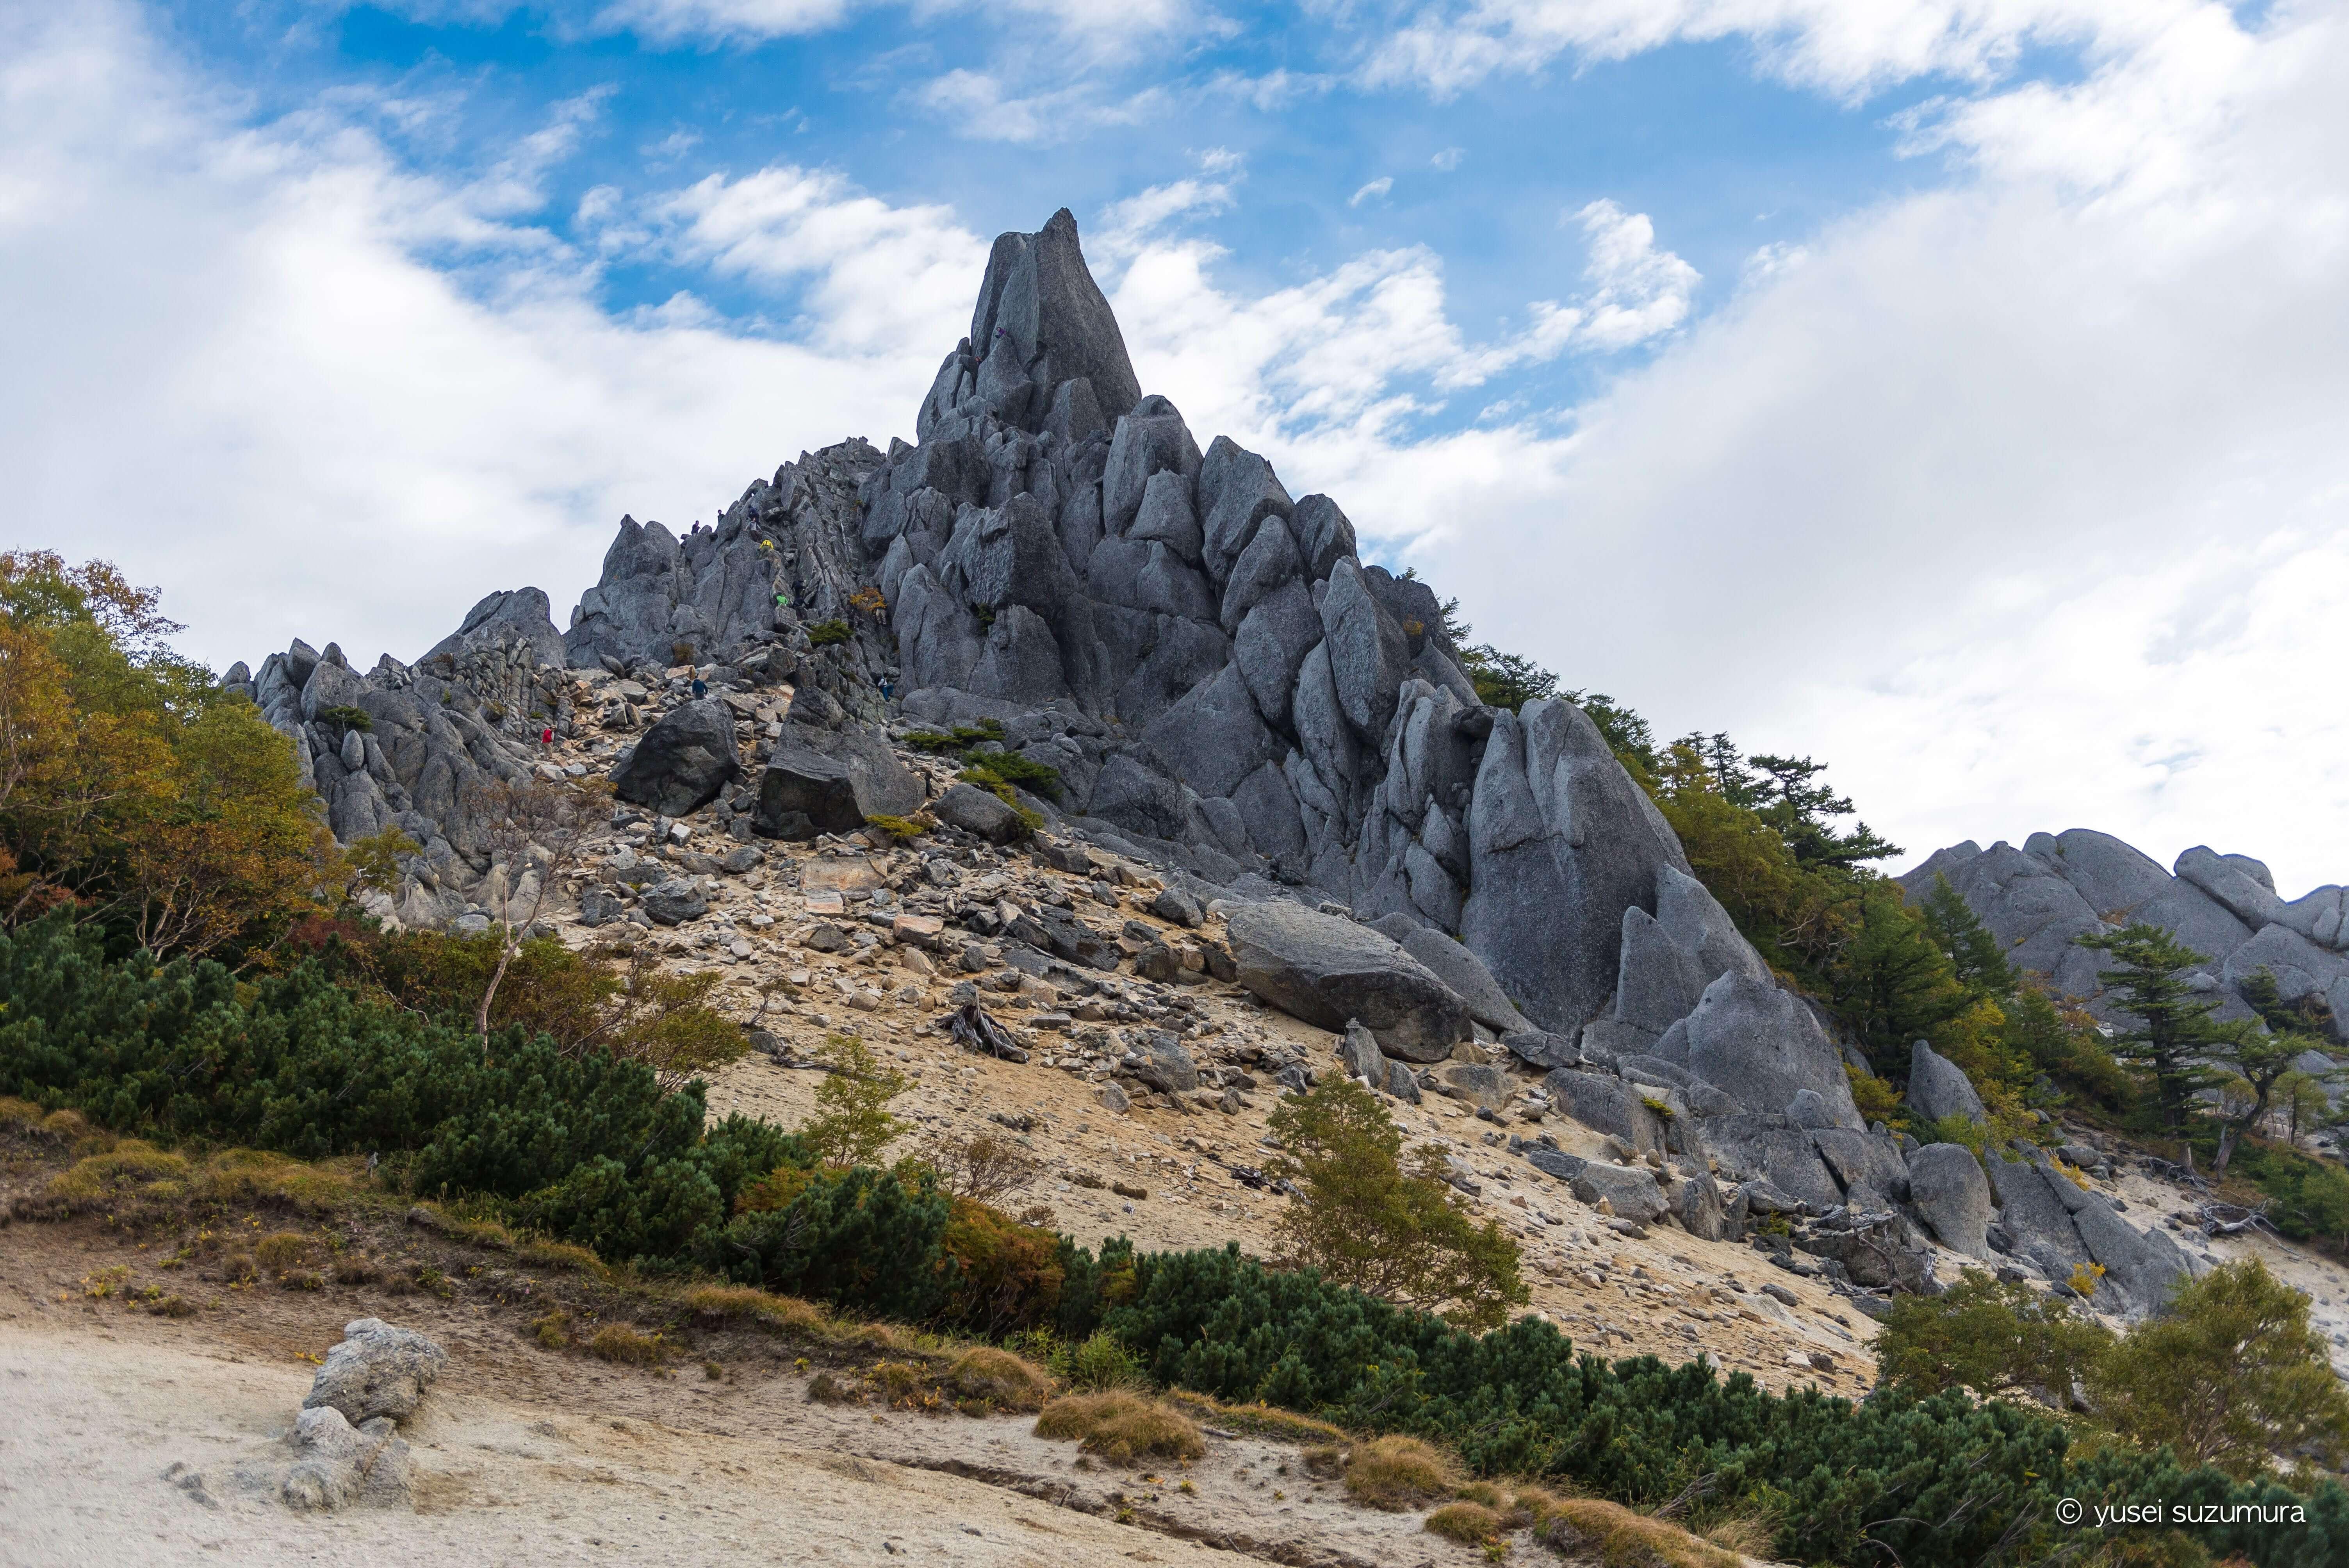 鳳凰三山の象徴、地蔵岳のオベリスクへ!御座石温泉から帰還!